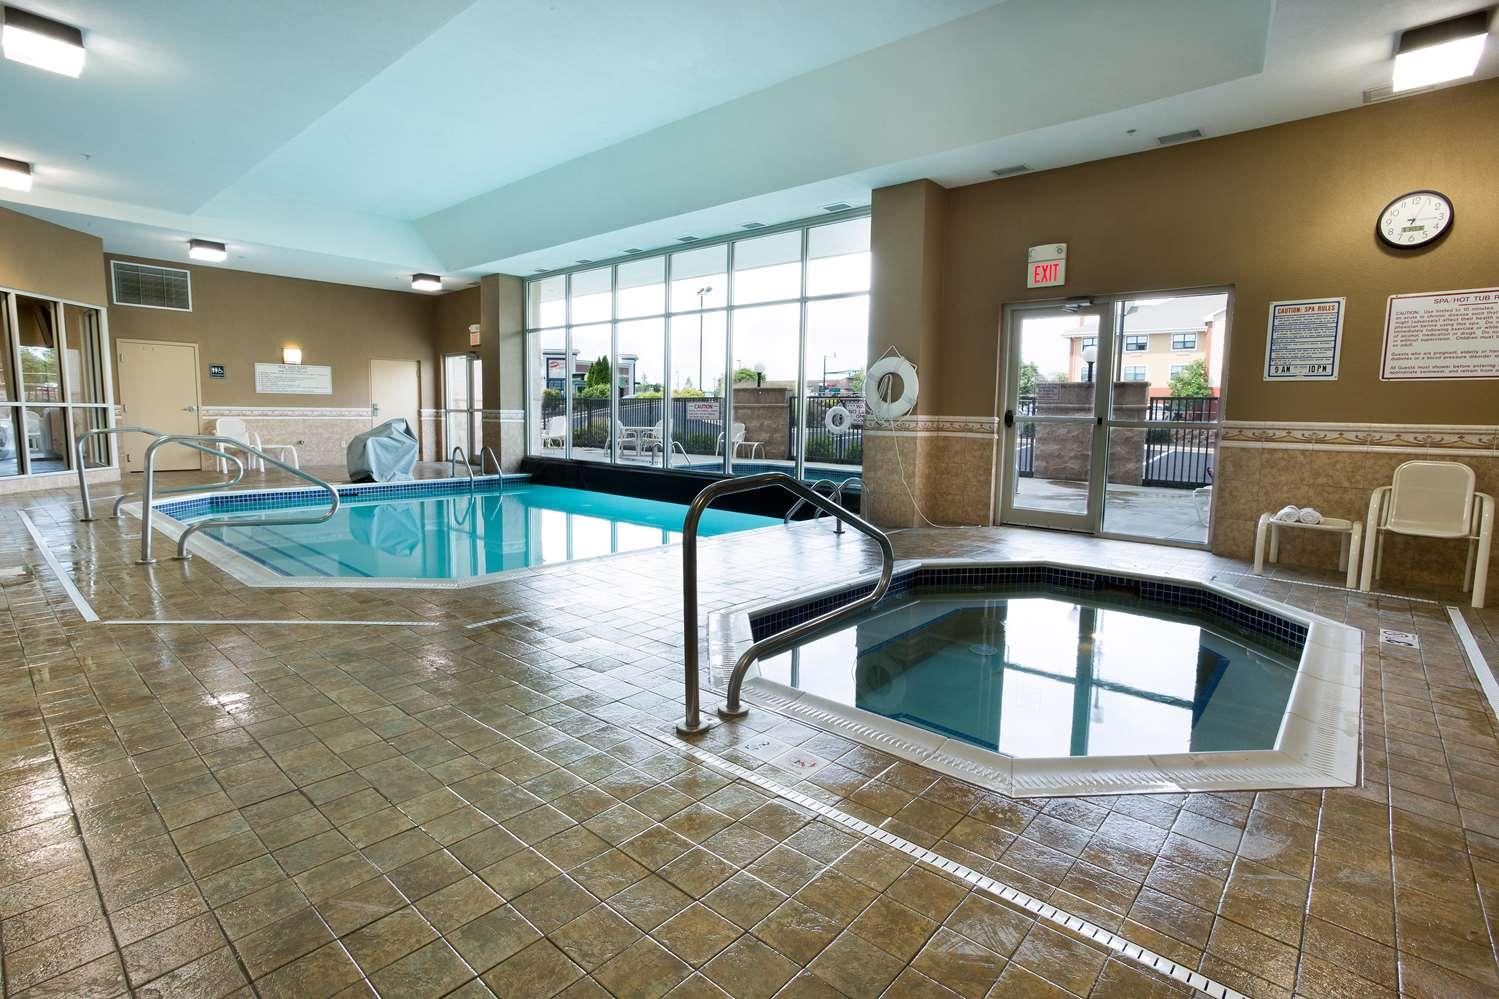 Pool - Drury Inn & Suites North Dayton